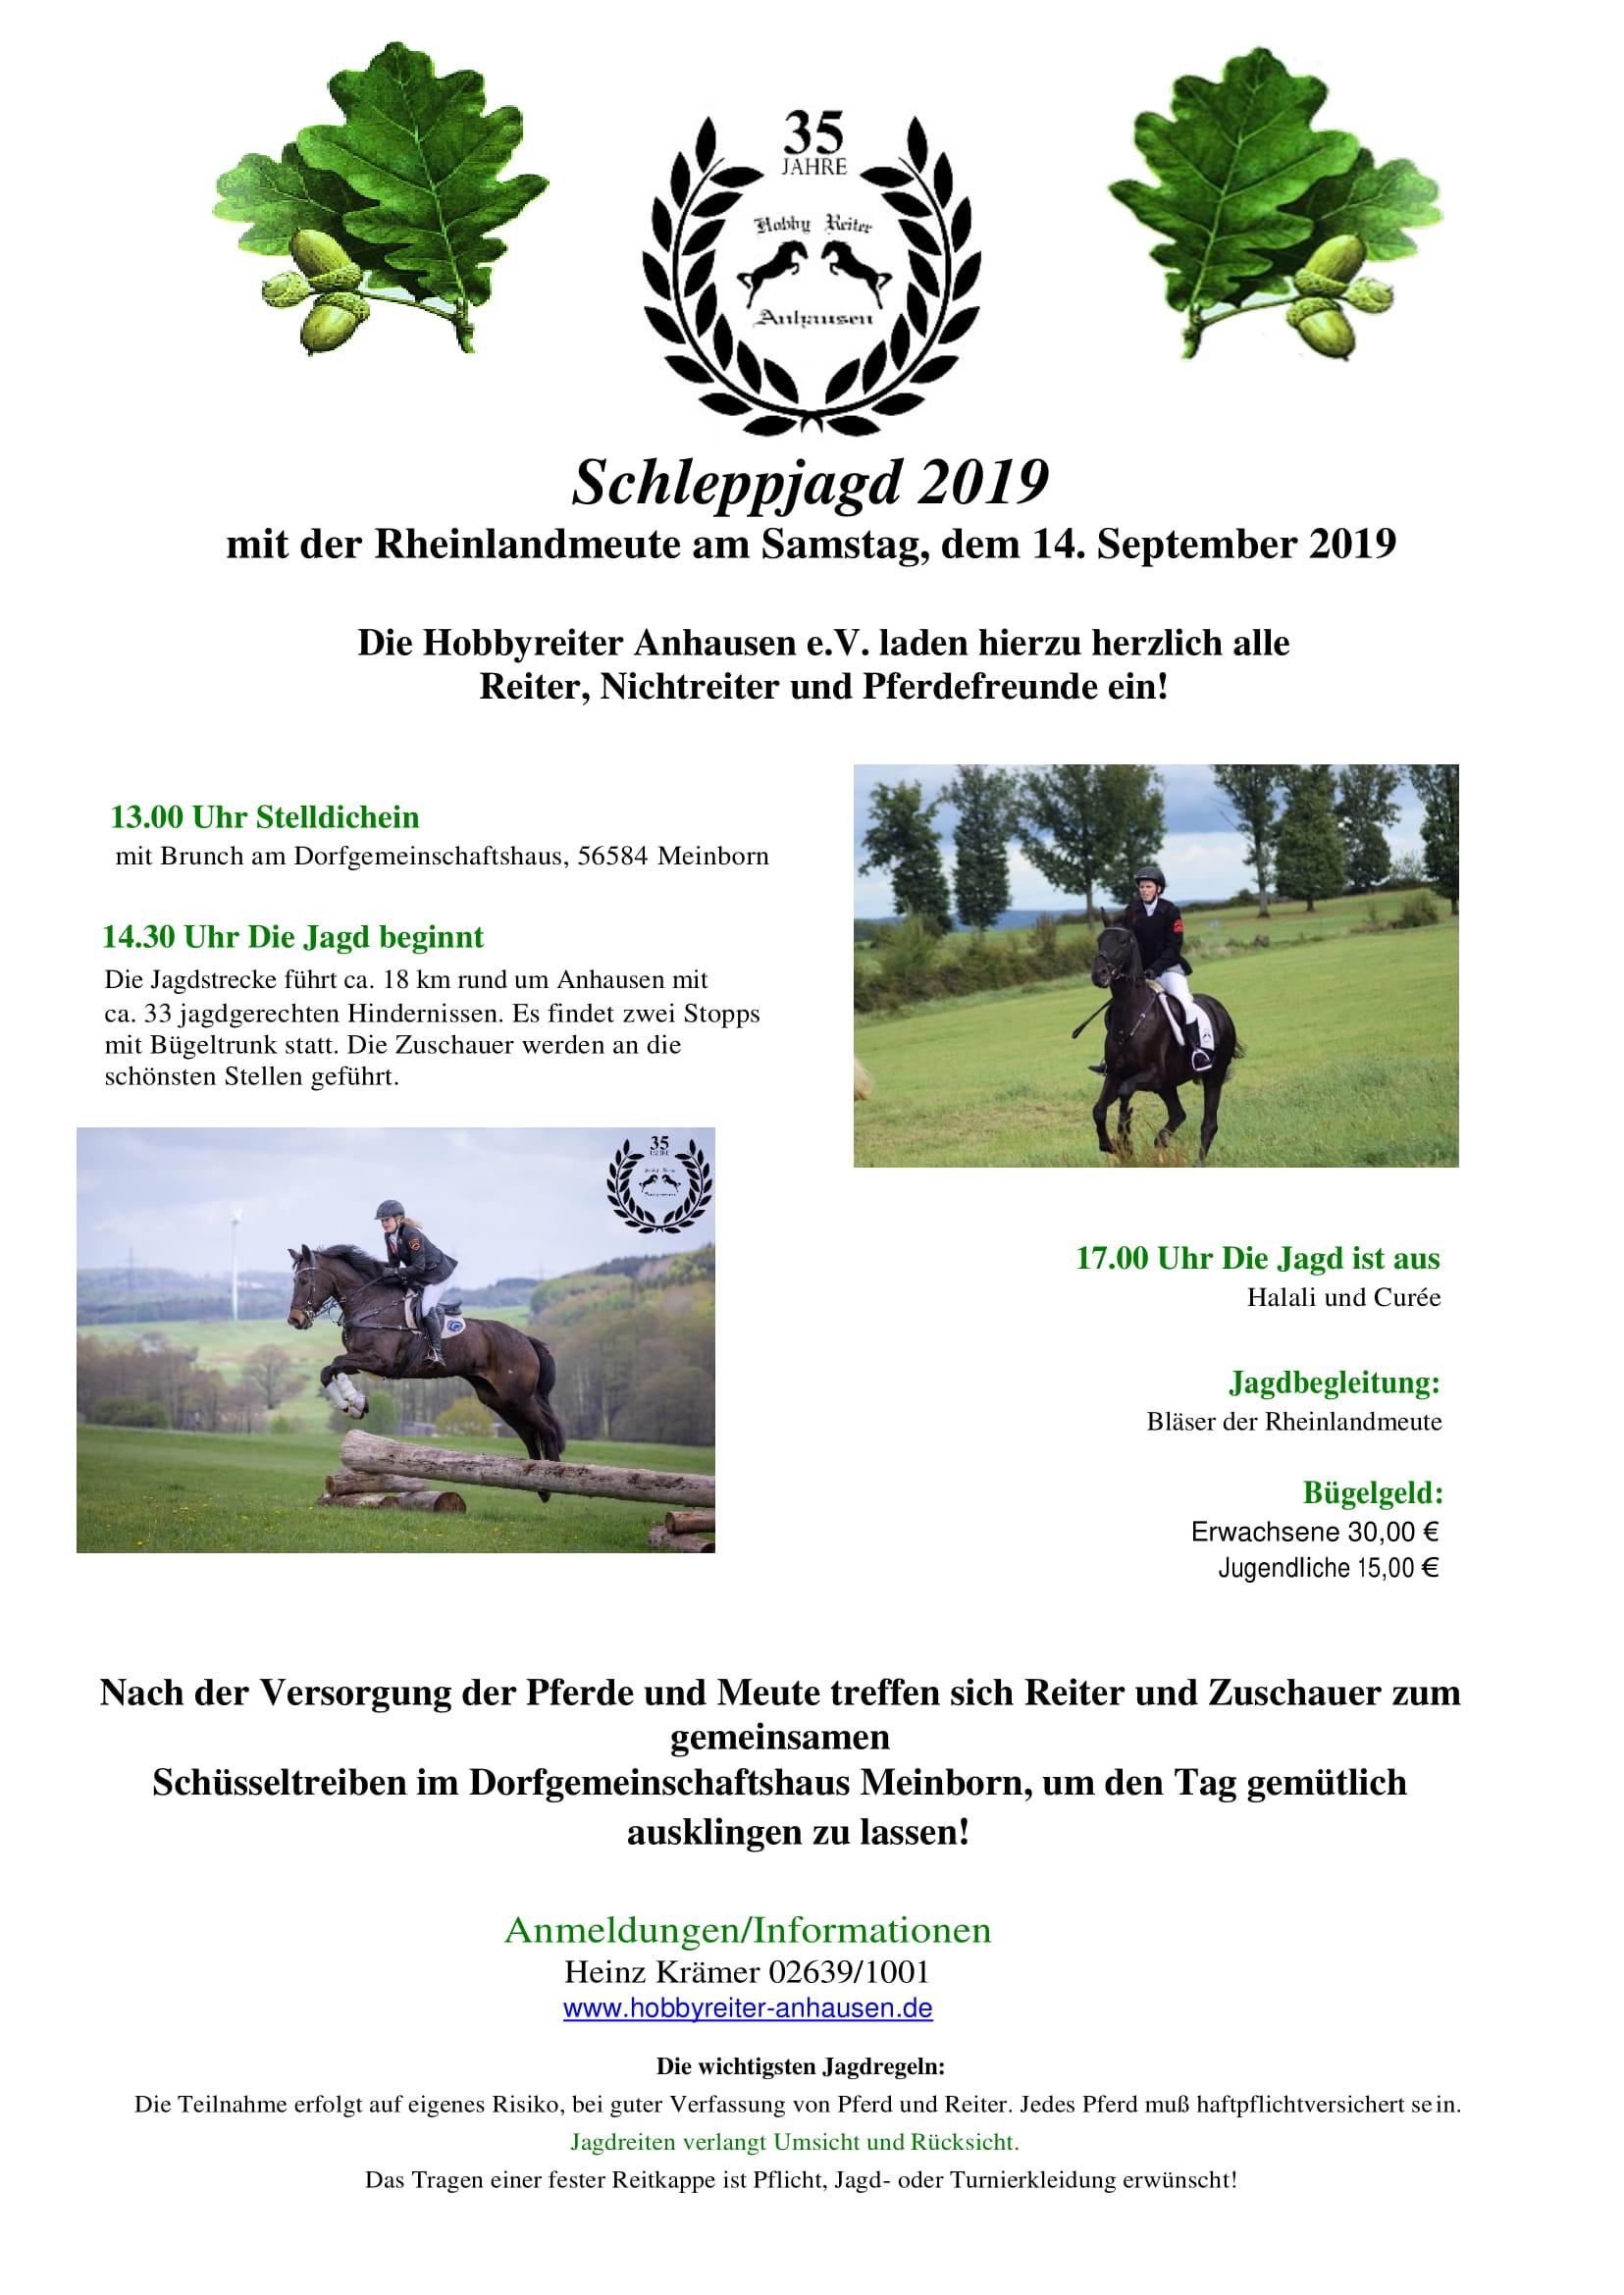 Einladung zur Jagd der Hobbyreiter Anhausen e.V. 14.09.2019